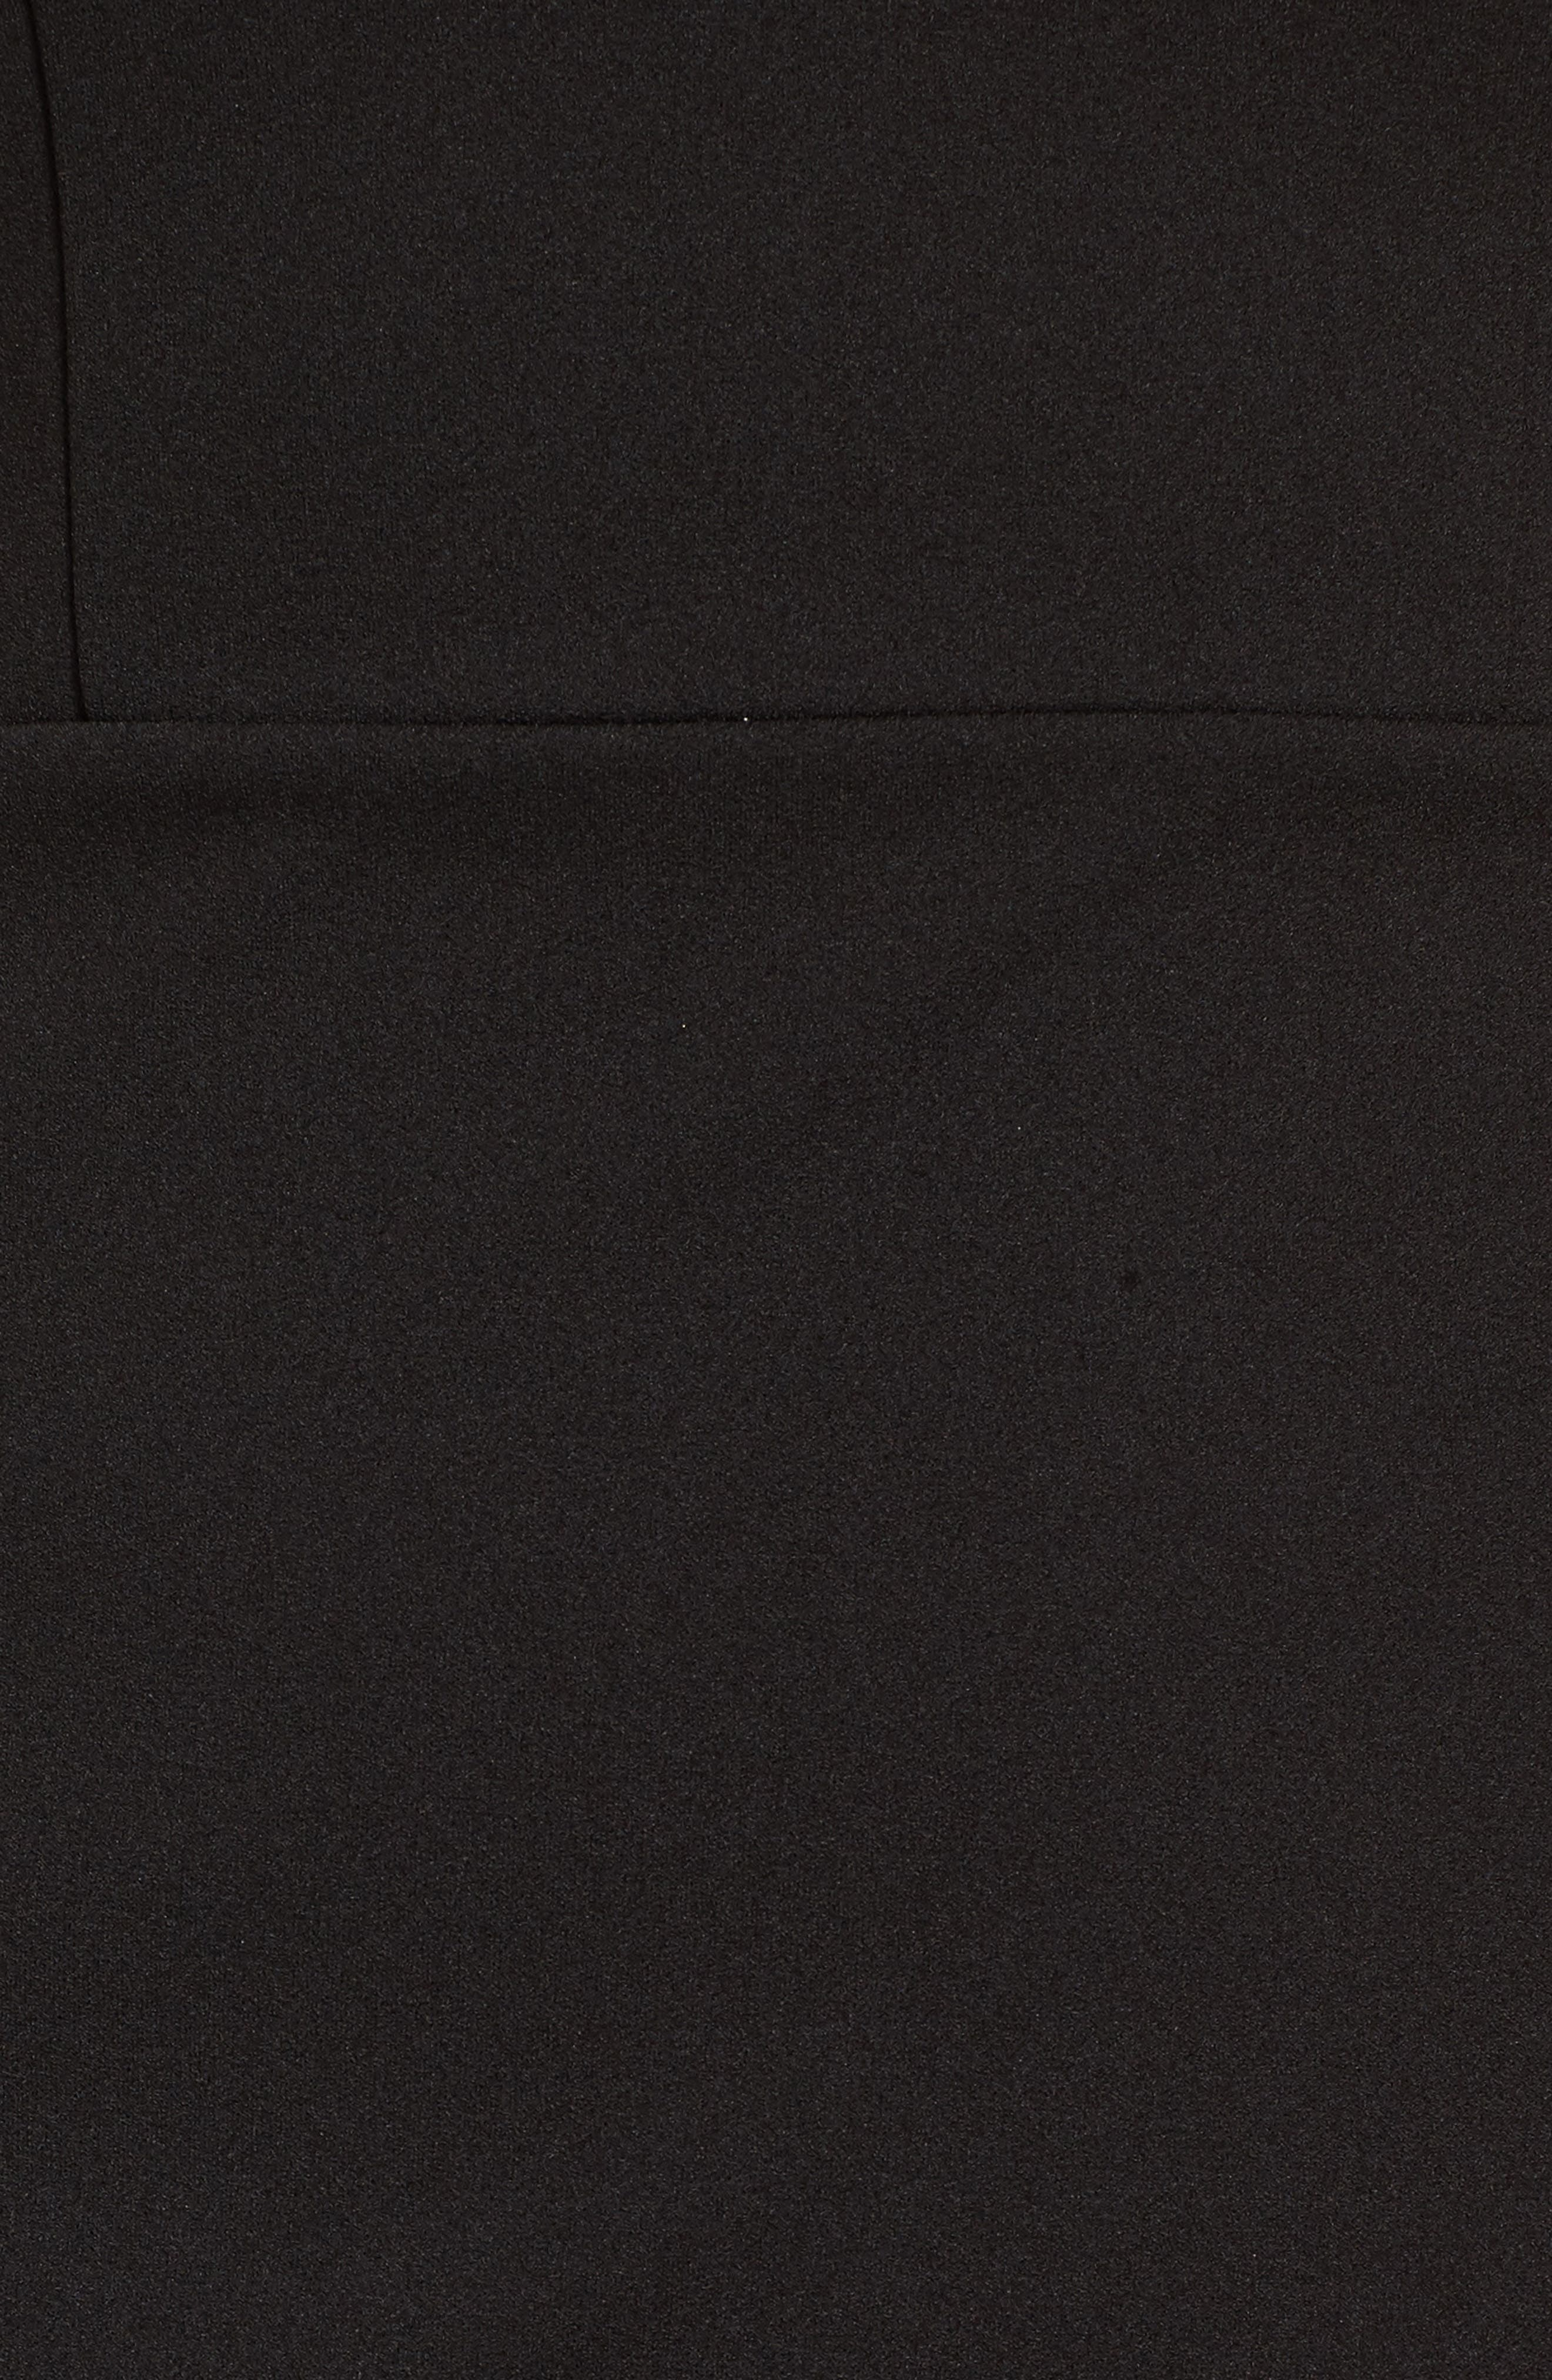 Ruffle Hem Dress,                             Alternate thumbnail 5, color,                             Black